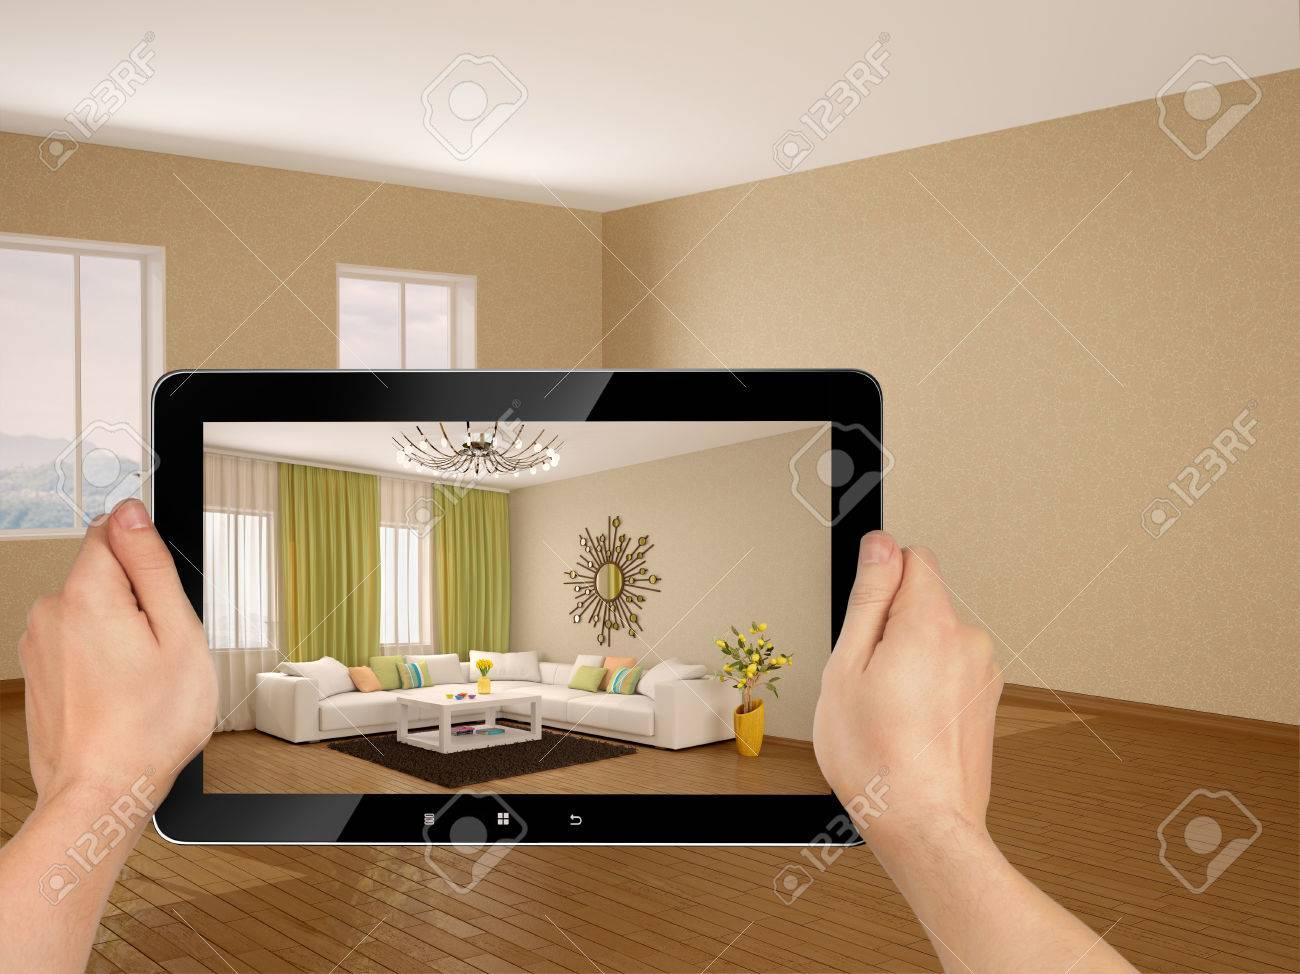 3d illustration inter moderne d\'un salon avec des couleurs chaudes.  Concept. Le passage à une nouvelle maison.